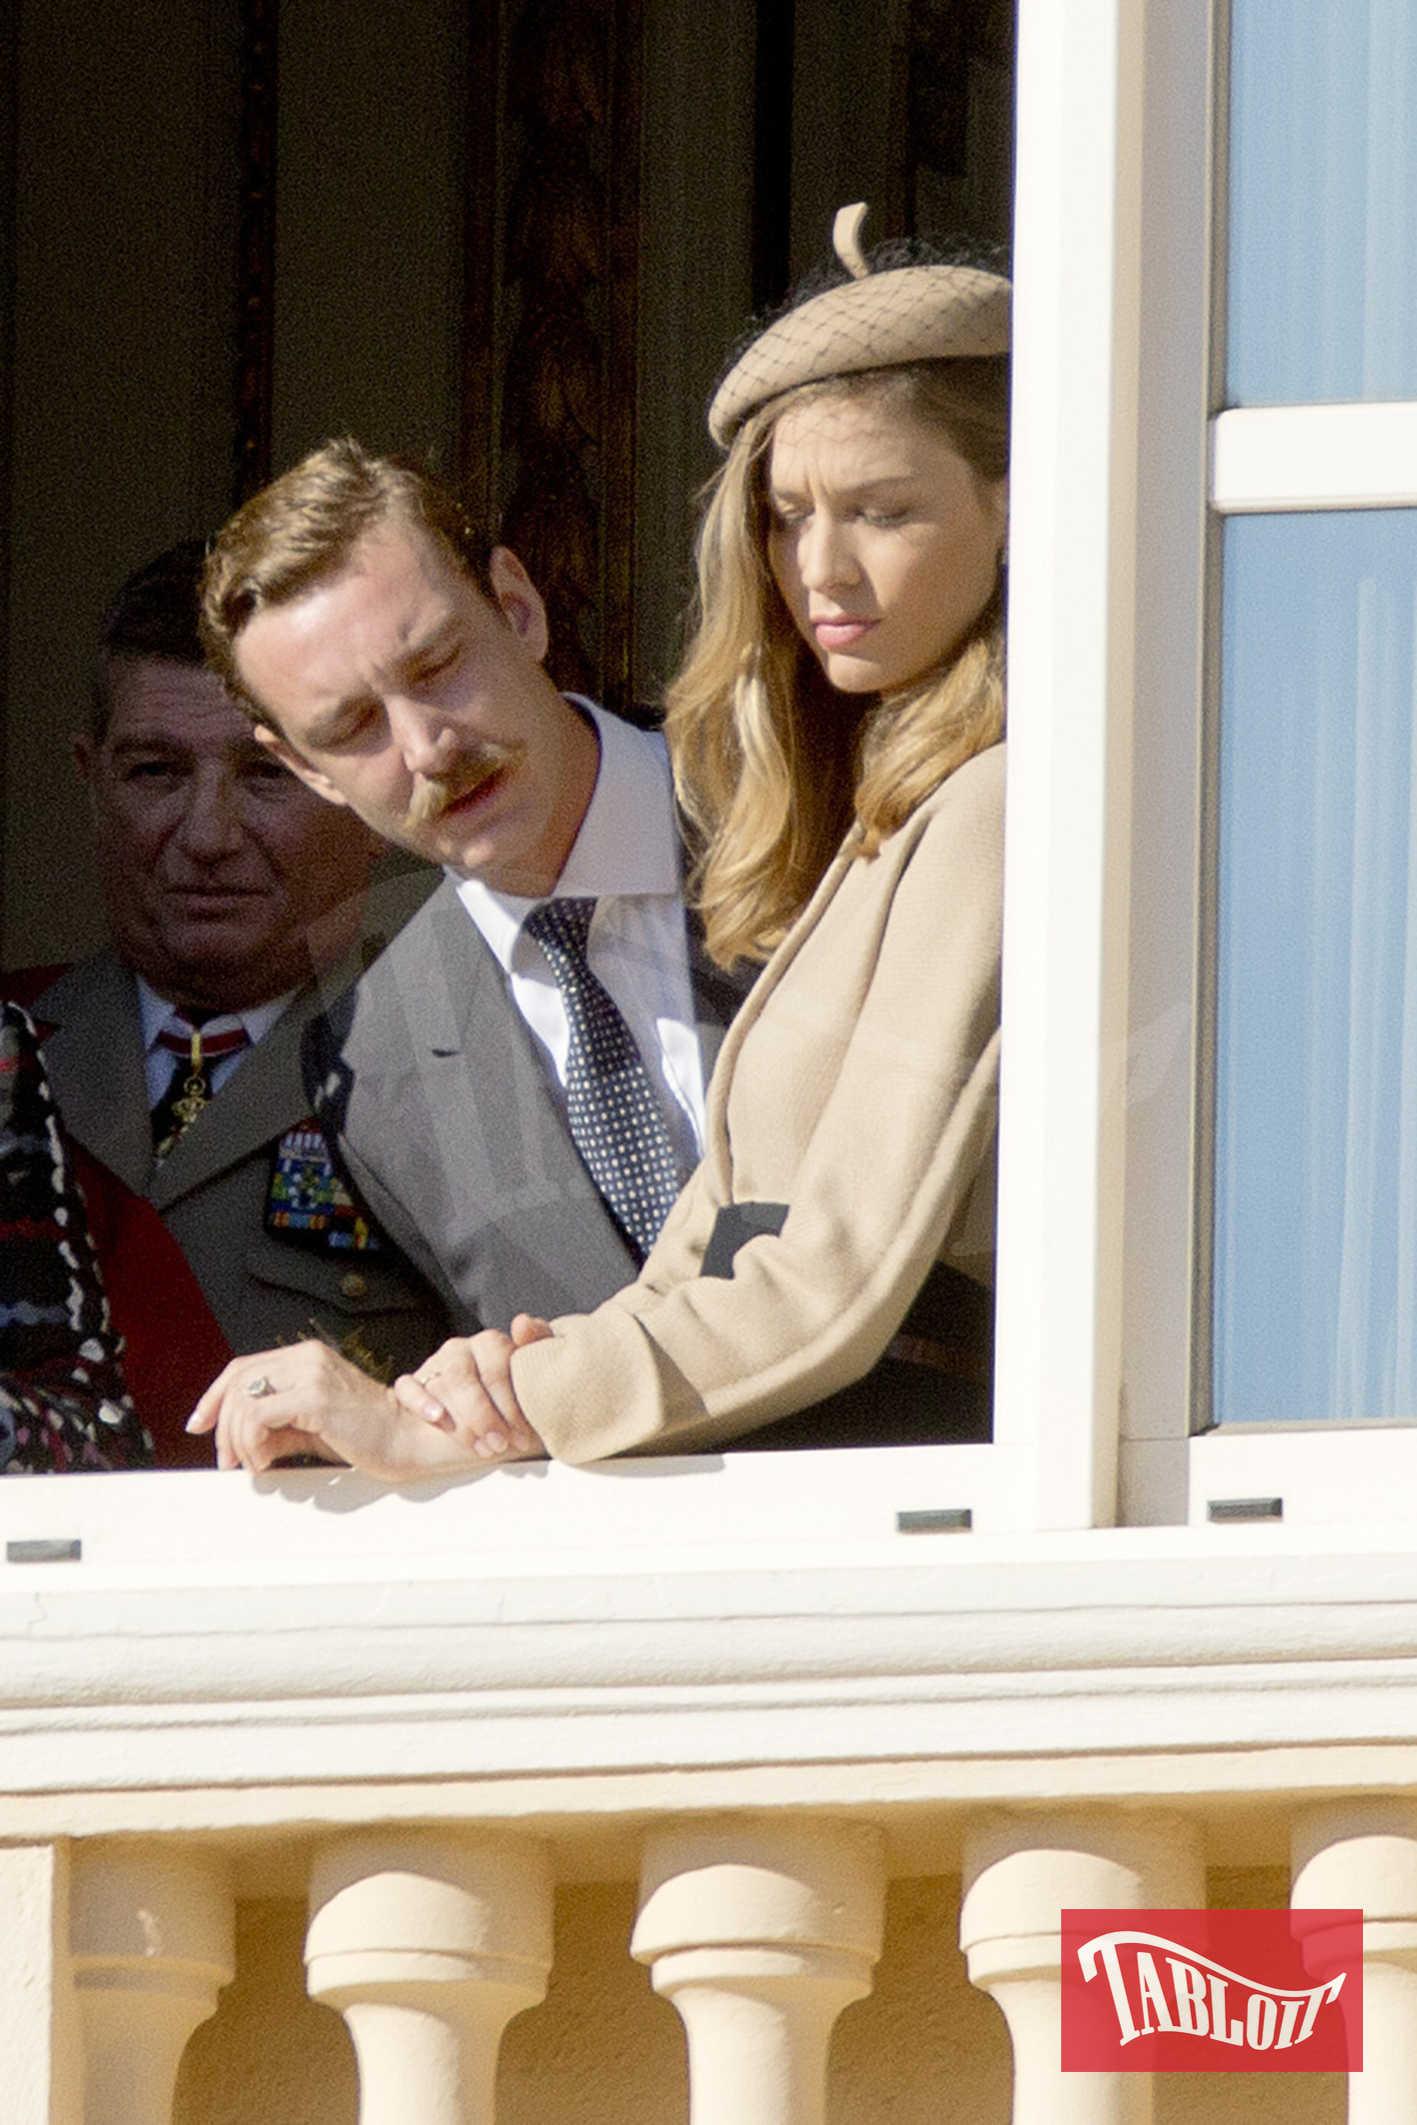 Pierre Casiraghi (con nuovi baffi da moschettiere) e la moglie Beatrice Borromeo, in beige. Mentre tutti salutano e sorridono, però, la coppia non nasconde due musi serissimi...